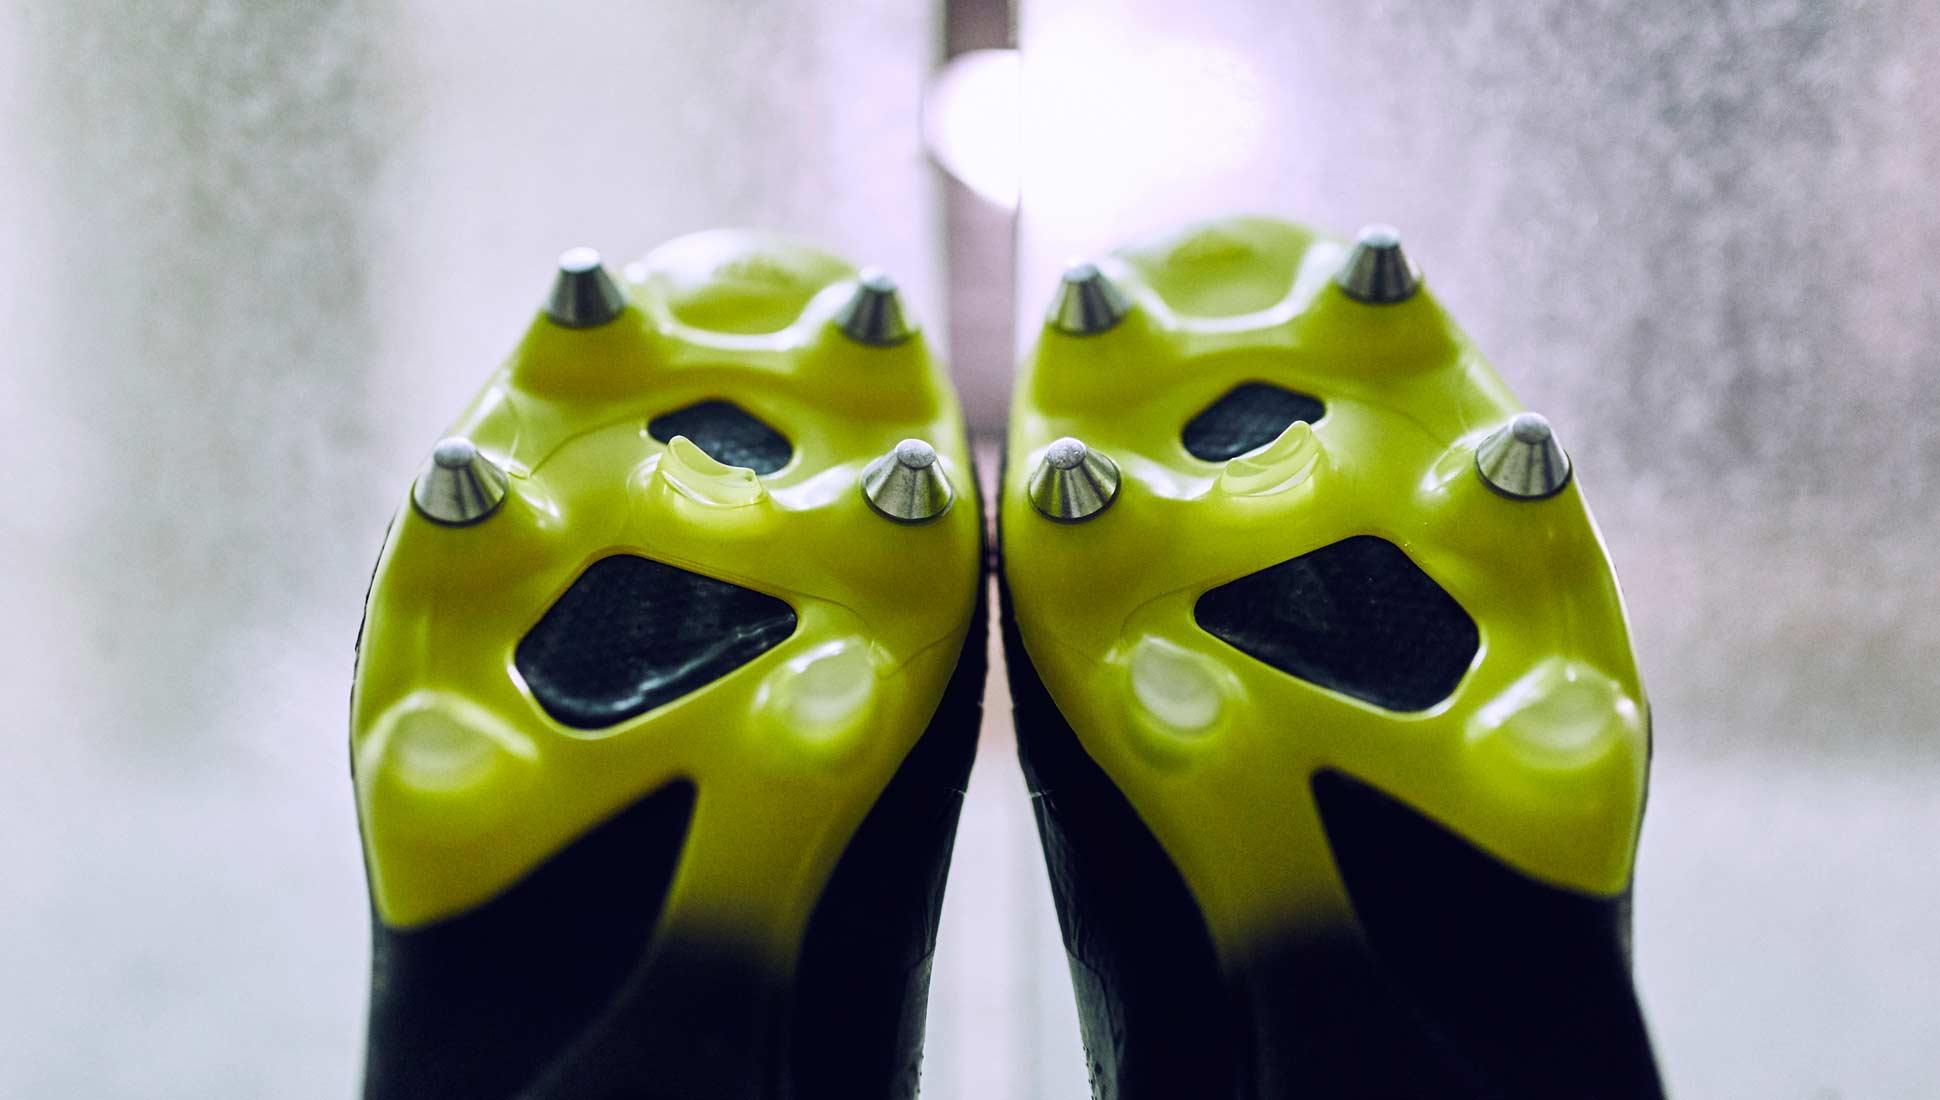 chaussures-adidas-glitch-mirage-noir-jaune-img6